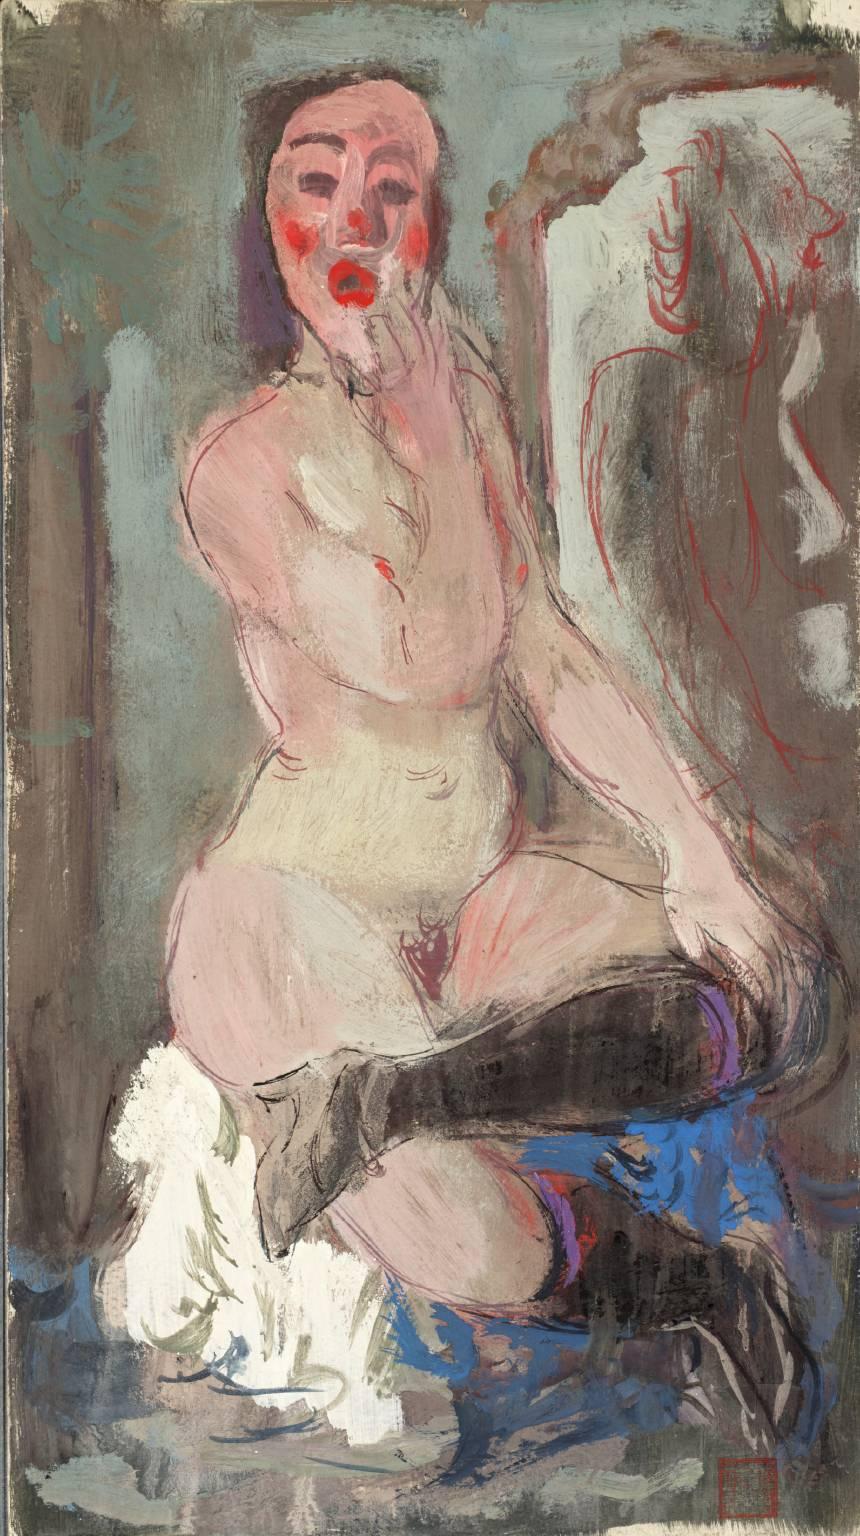 Nude, 1938